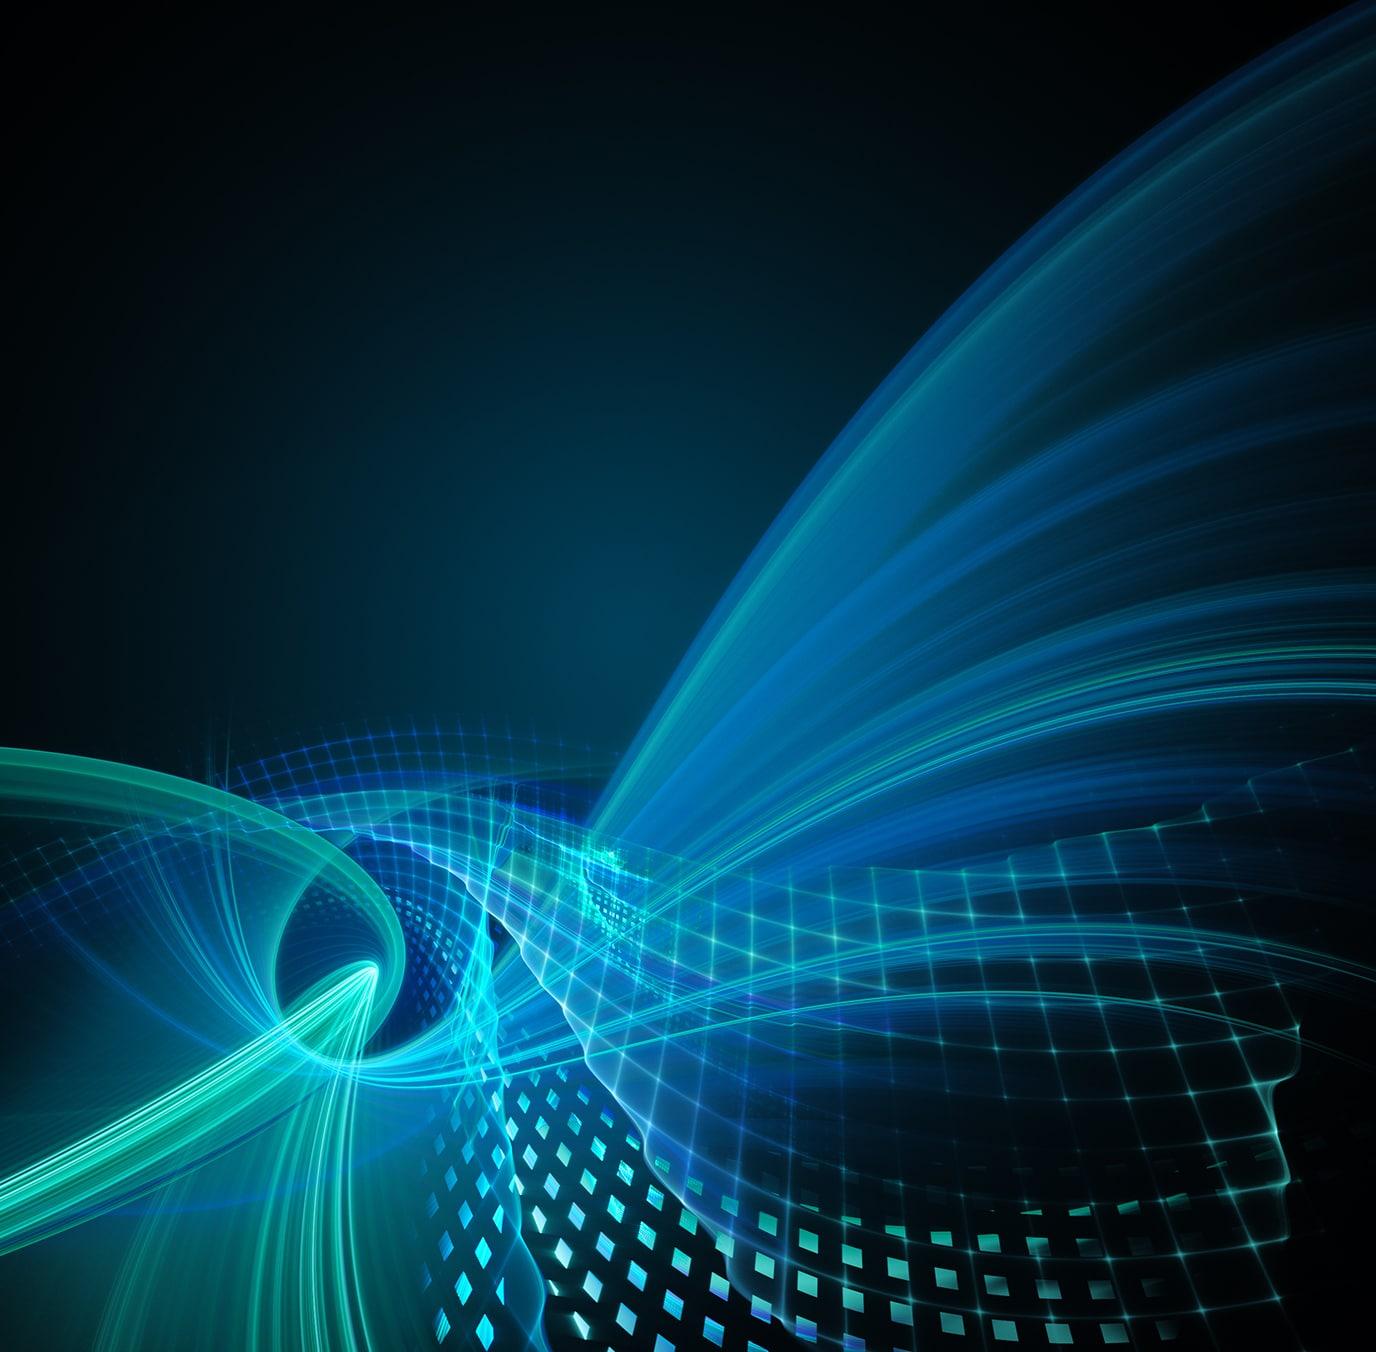 Affärsutvecklingscheckar för digitalisering och internationalisering